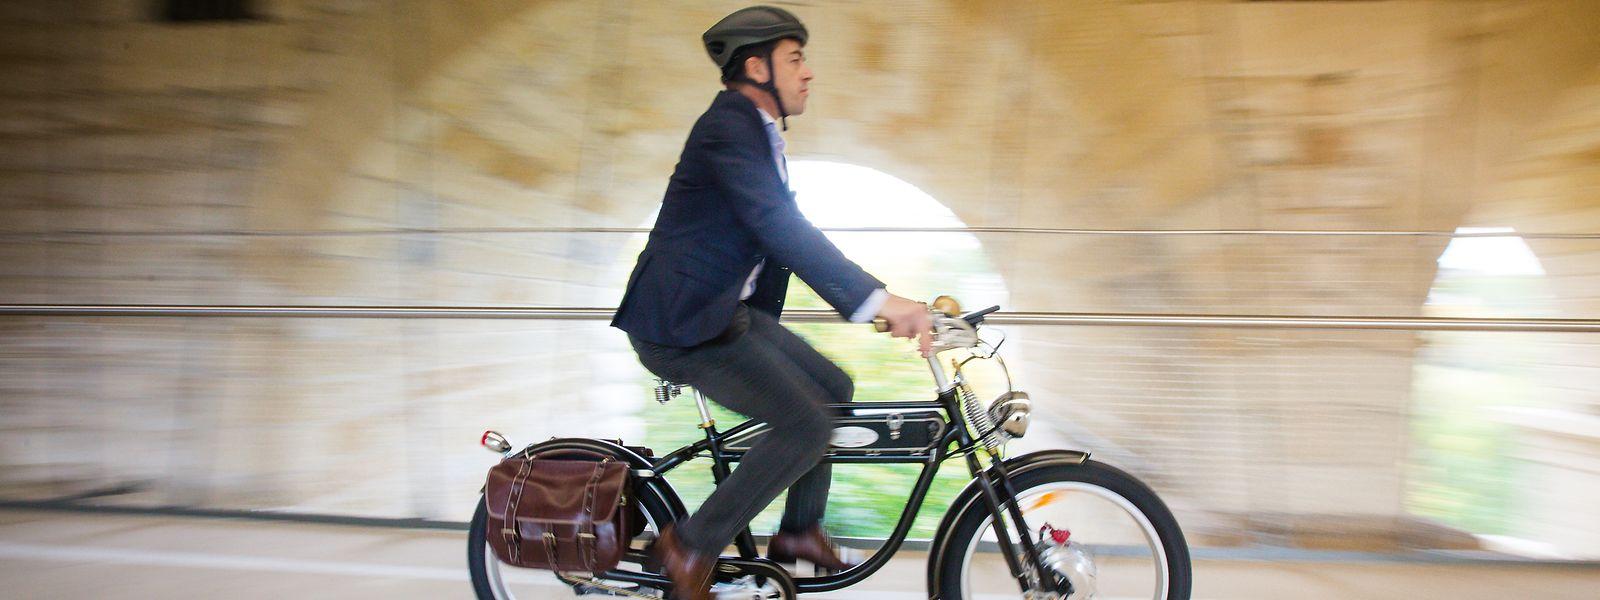 910 demandes d'aide de la part de nouveaux possesseurs de bicyclette à assistance électrique ont été enregistrées de janvier à juin 2019.